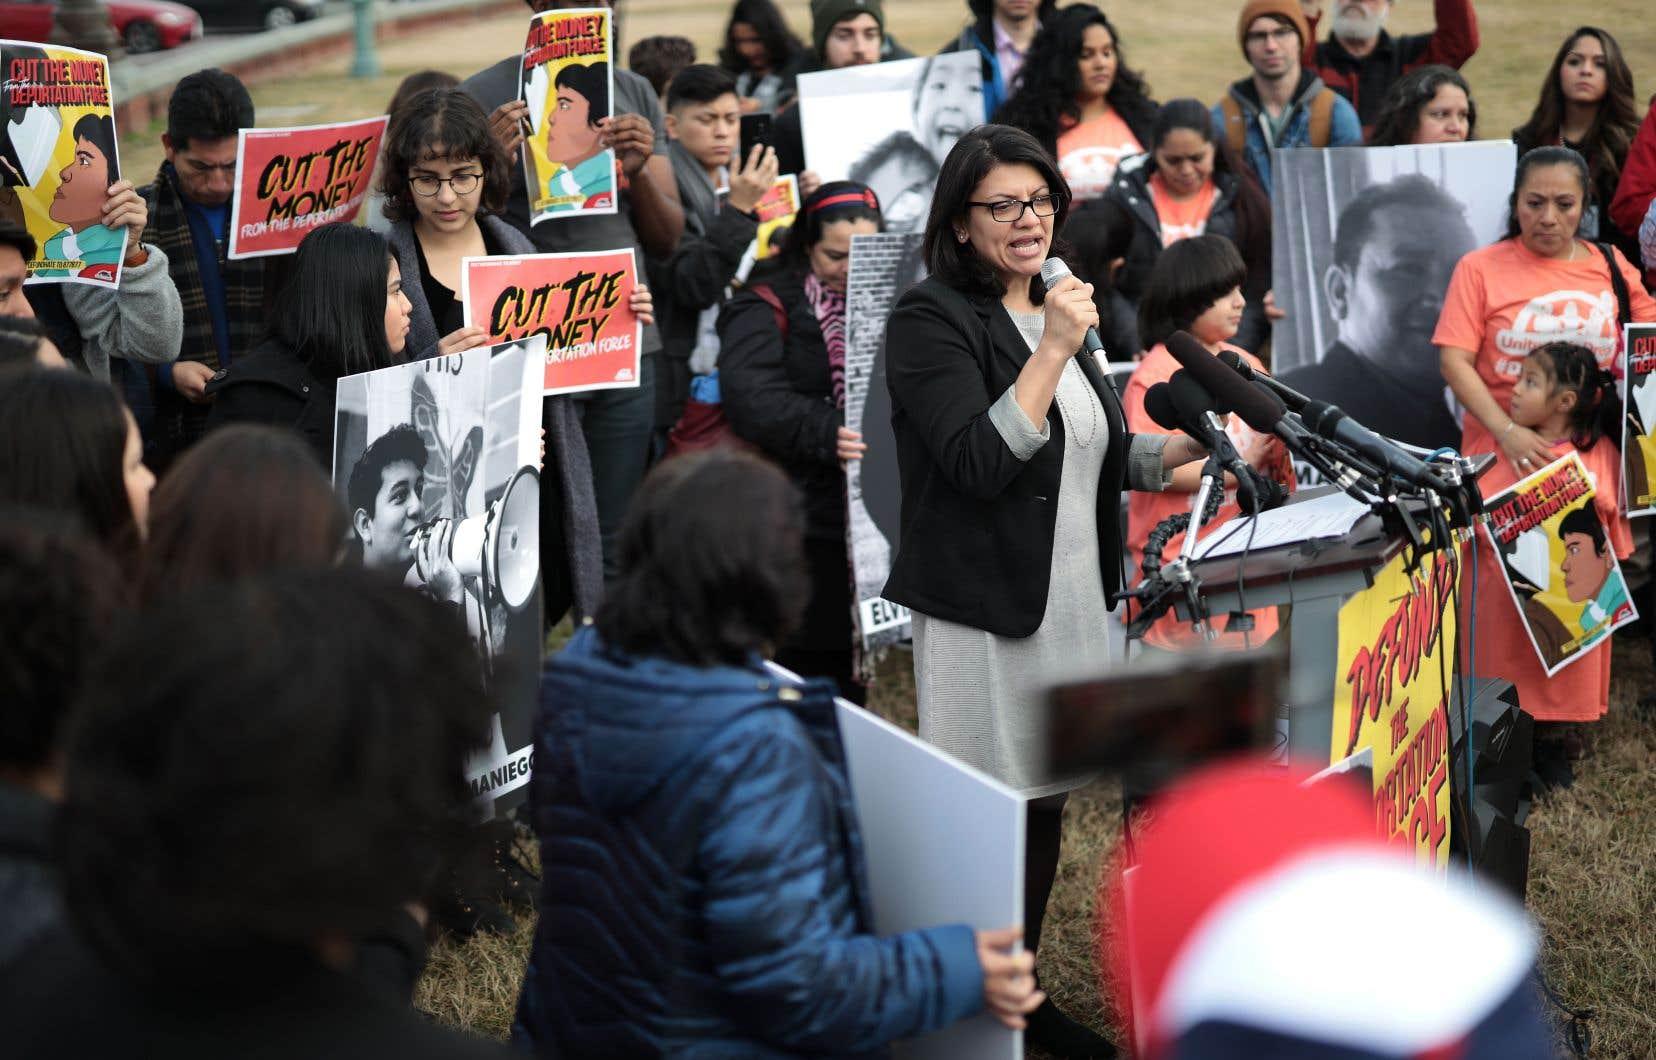 Rashida Tlaib prenait la parole lors d'un rassemblement contre la politique migratoire du président américain, le 7février dernier, à Washington.